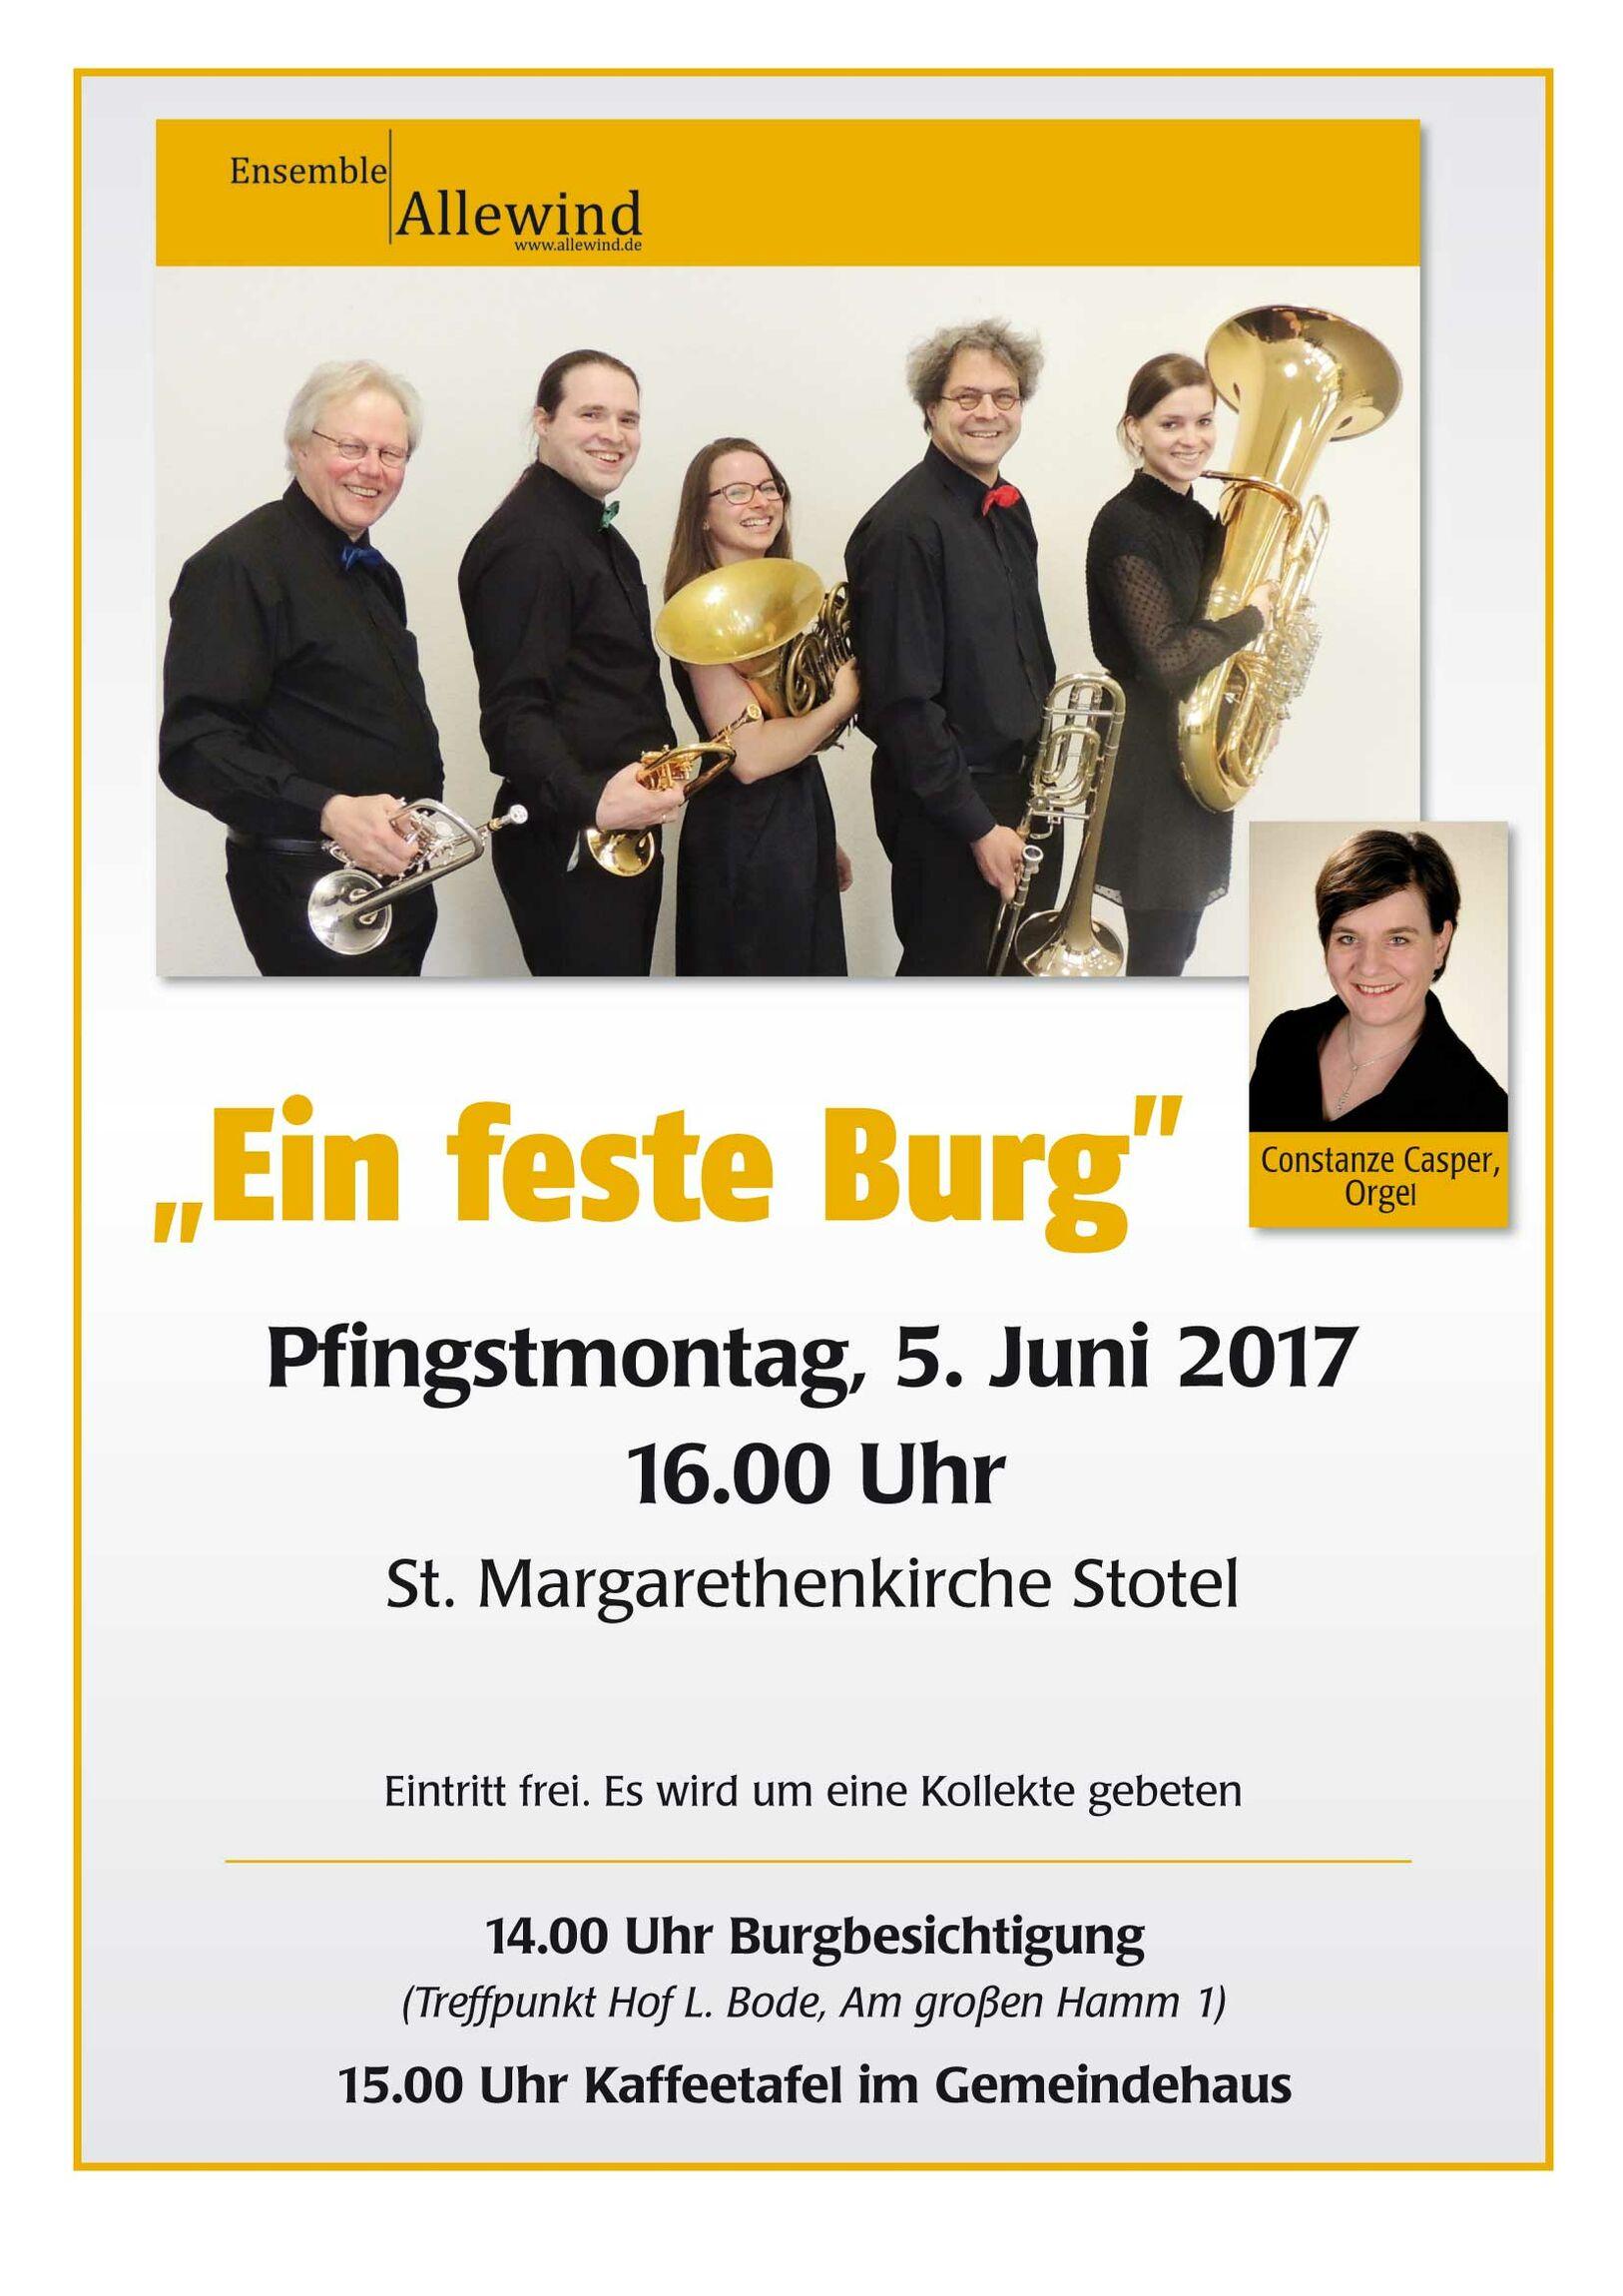 Plakat-Feste-Burg